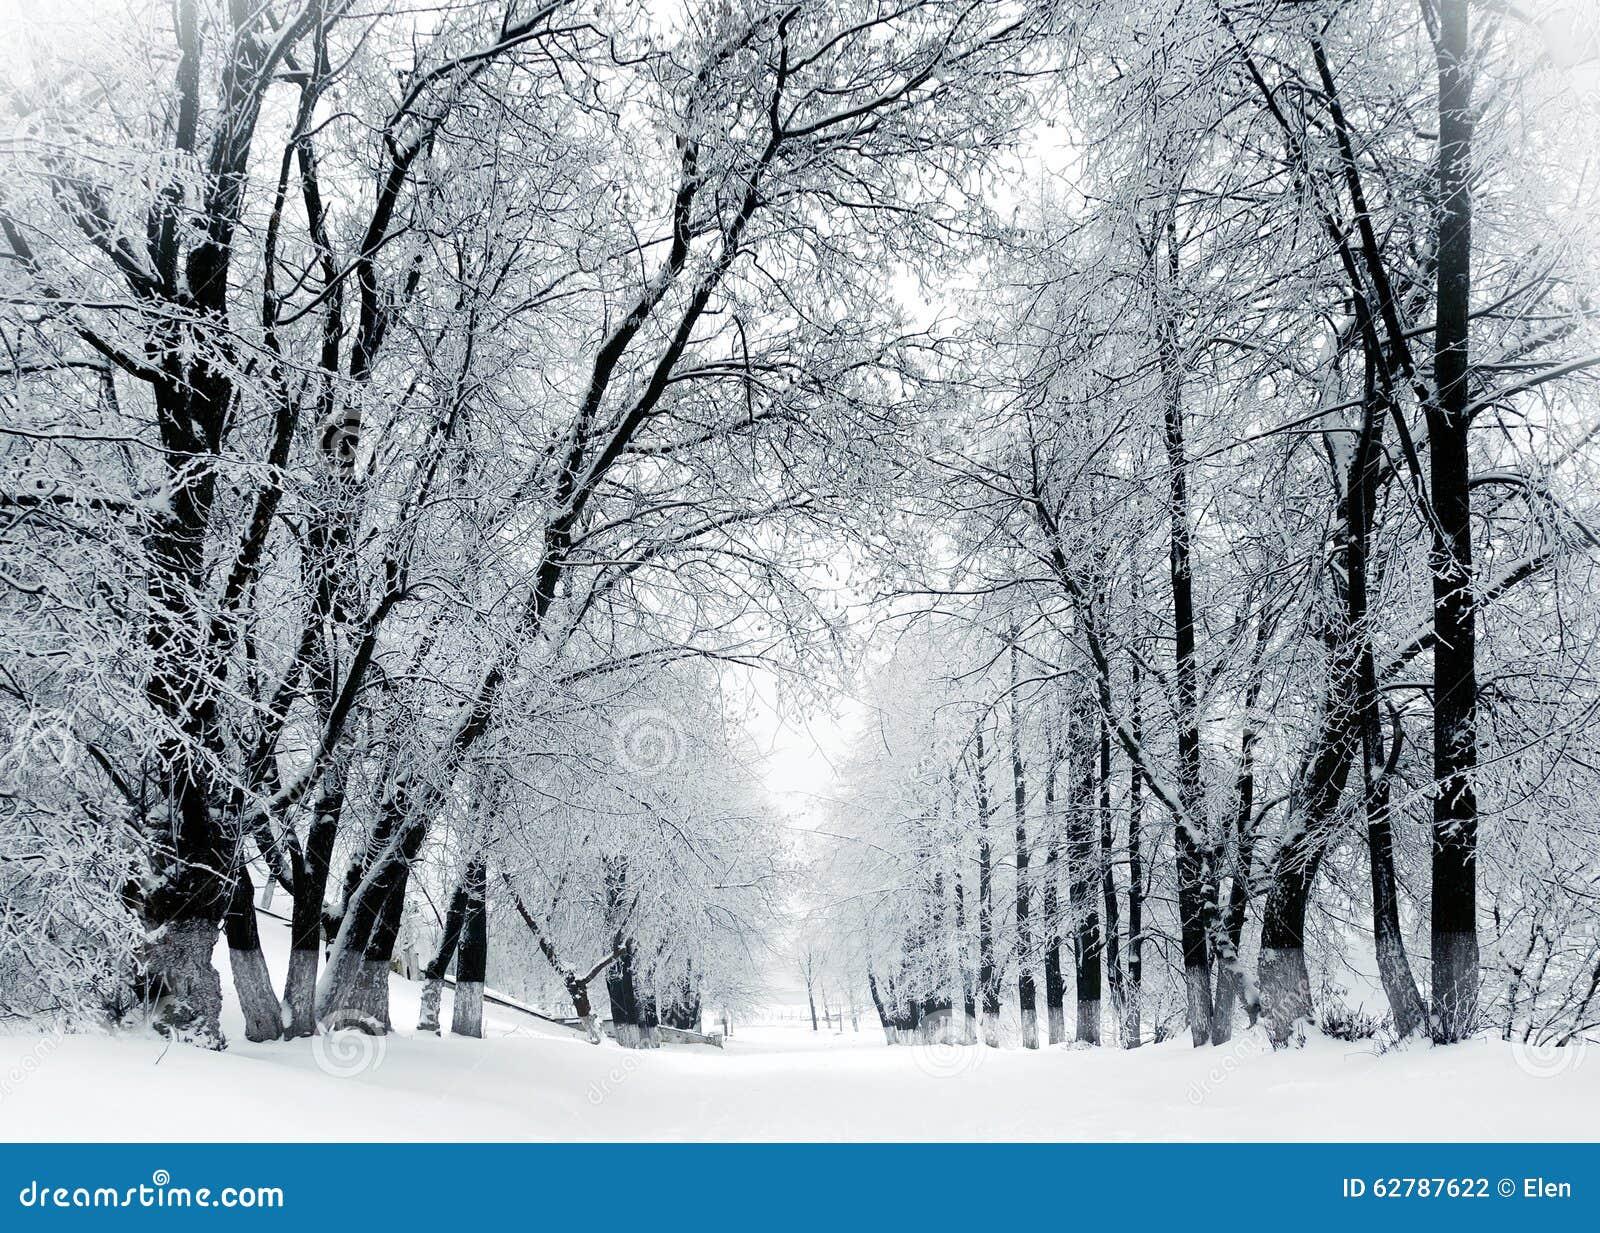 paysage d 39 hiver arbres givr s en parc photo stock image 62787622. Black Bedroom Furniture Sets. Home Design Ideas